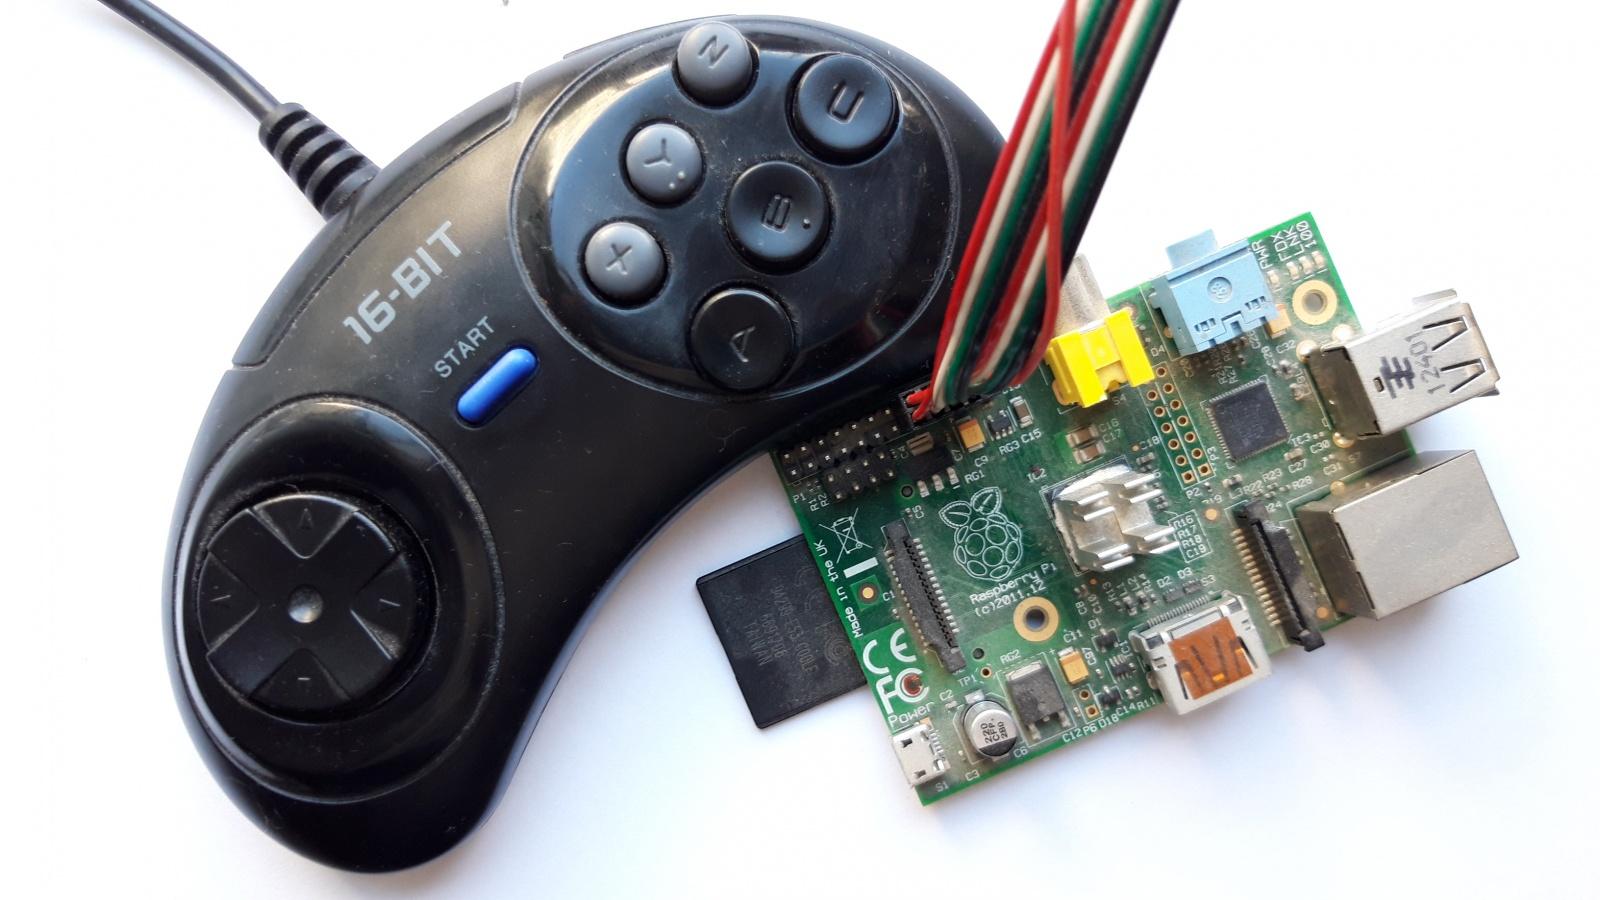 Геймпад от Sega Mega Drive и Raspberry Pi Часть 1 (подготовительная и трёхкнопочная) - 1